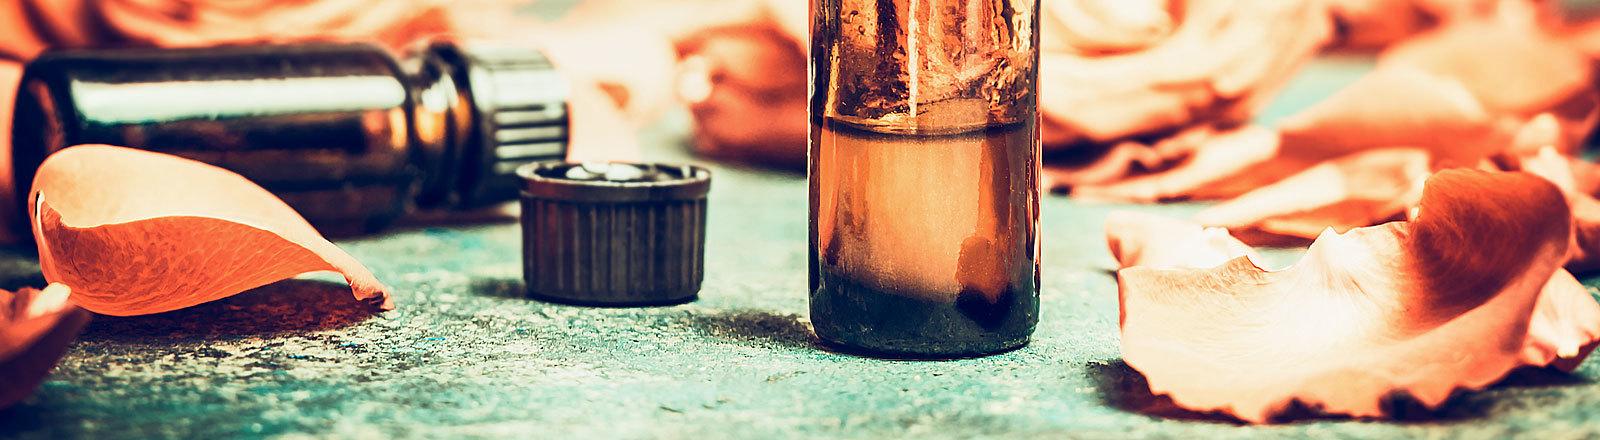 Ätherisches Öl in kleiner Flasche